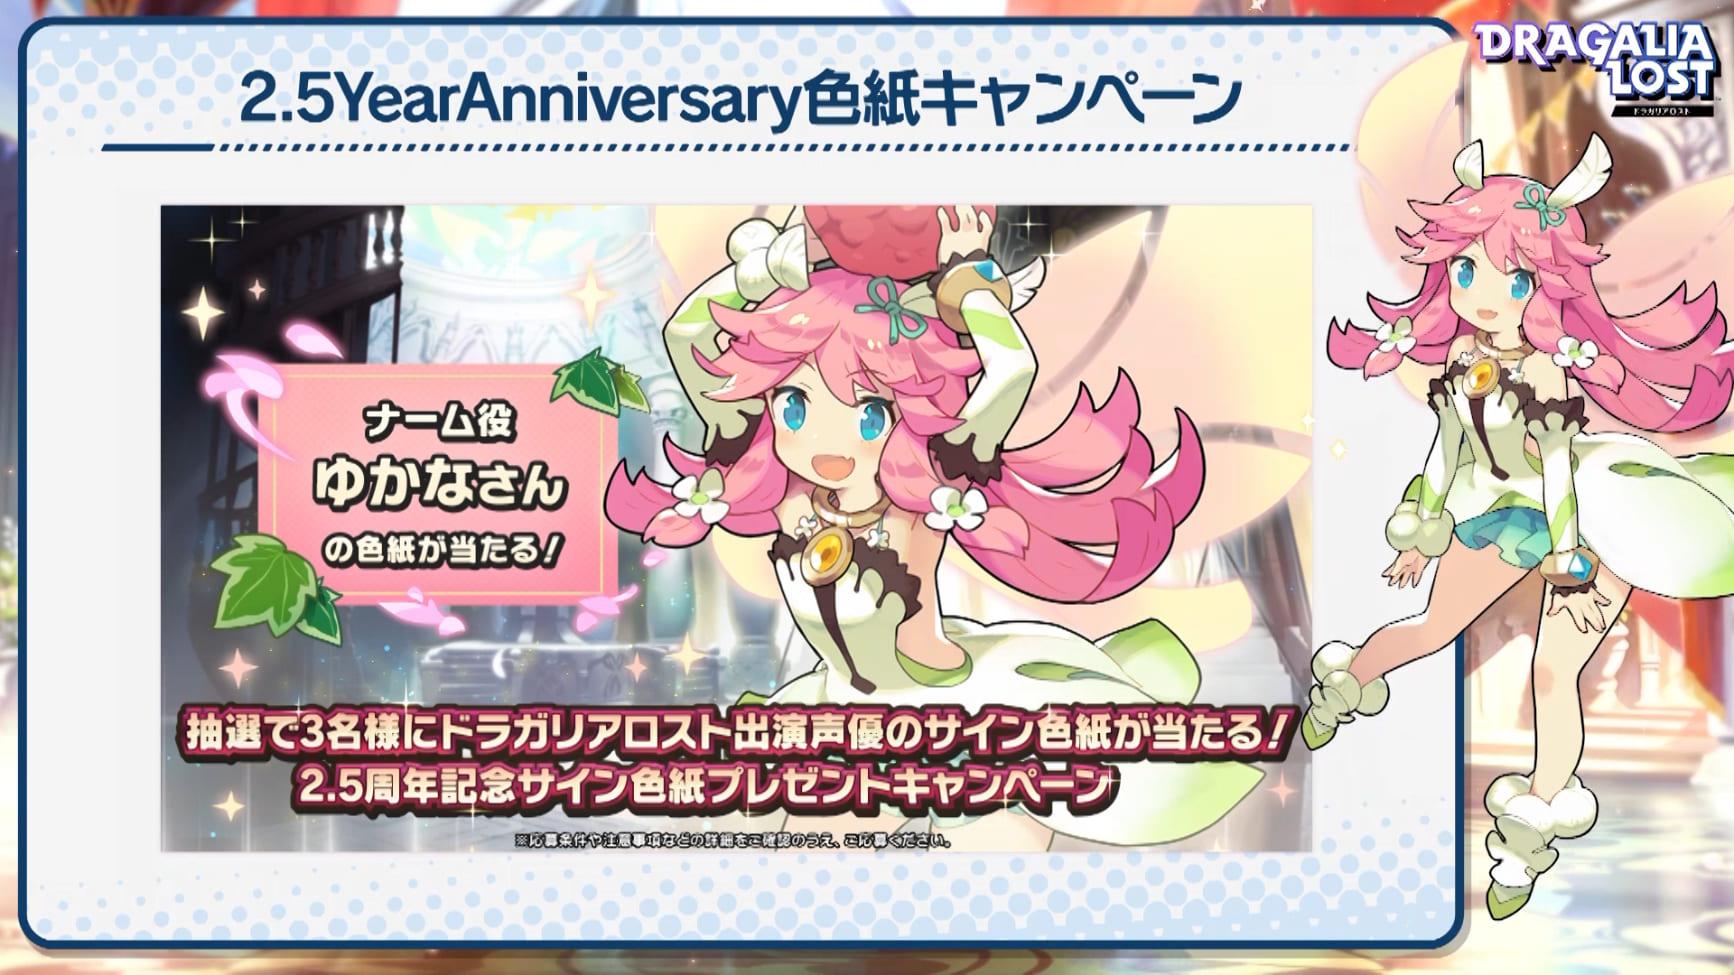 2.5Year Anniversary 色紙キャンペーン